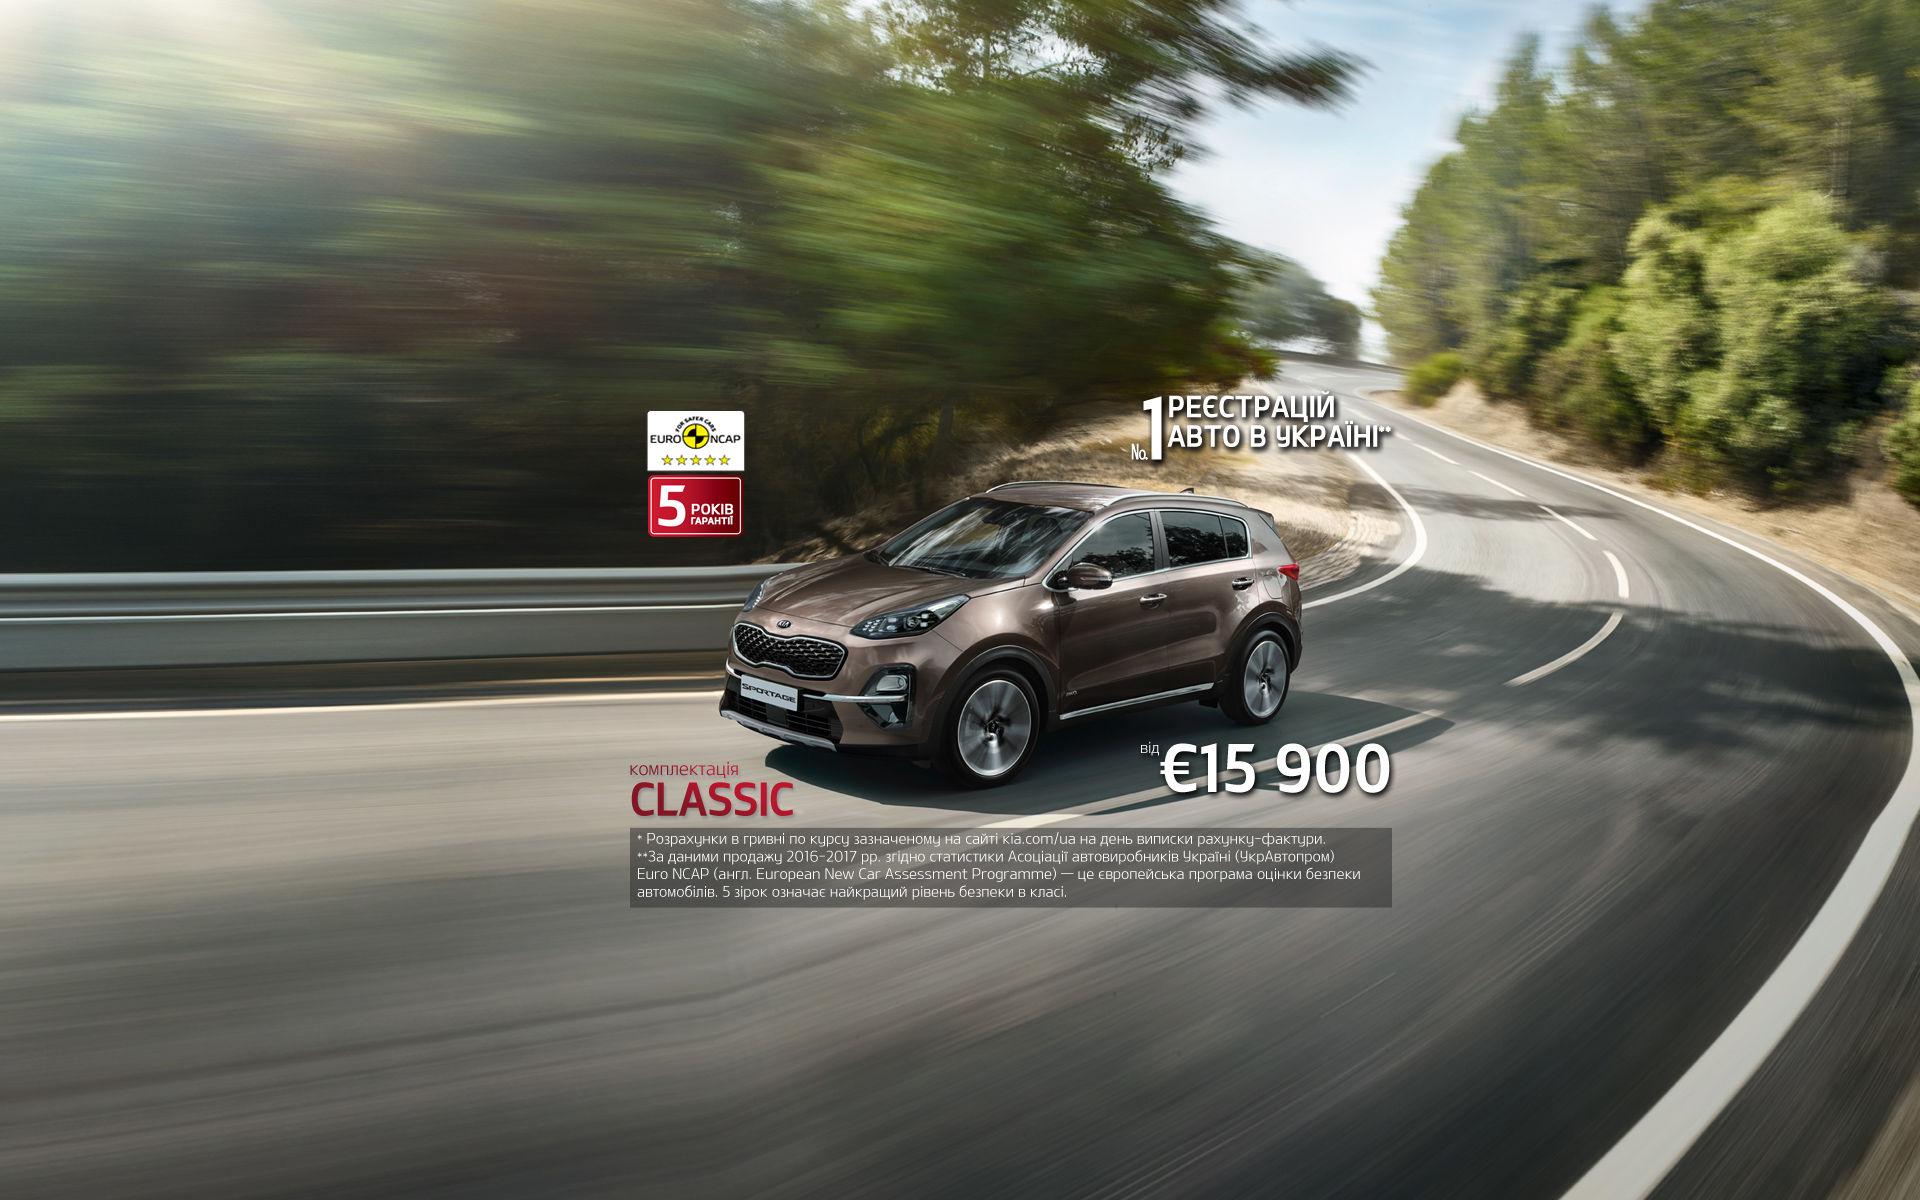 Kia Sportage получит специальную комплектацию Classic по цене от 15 900 Евро!